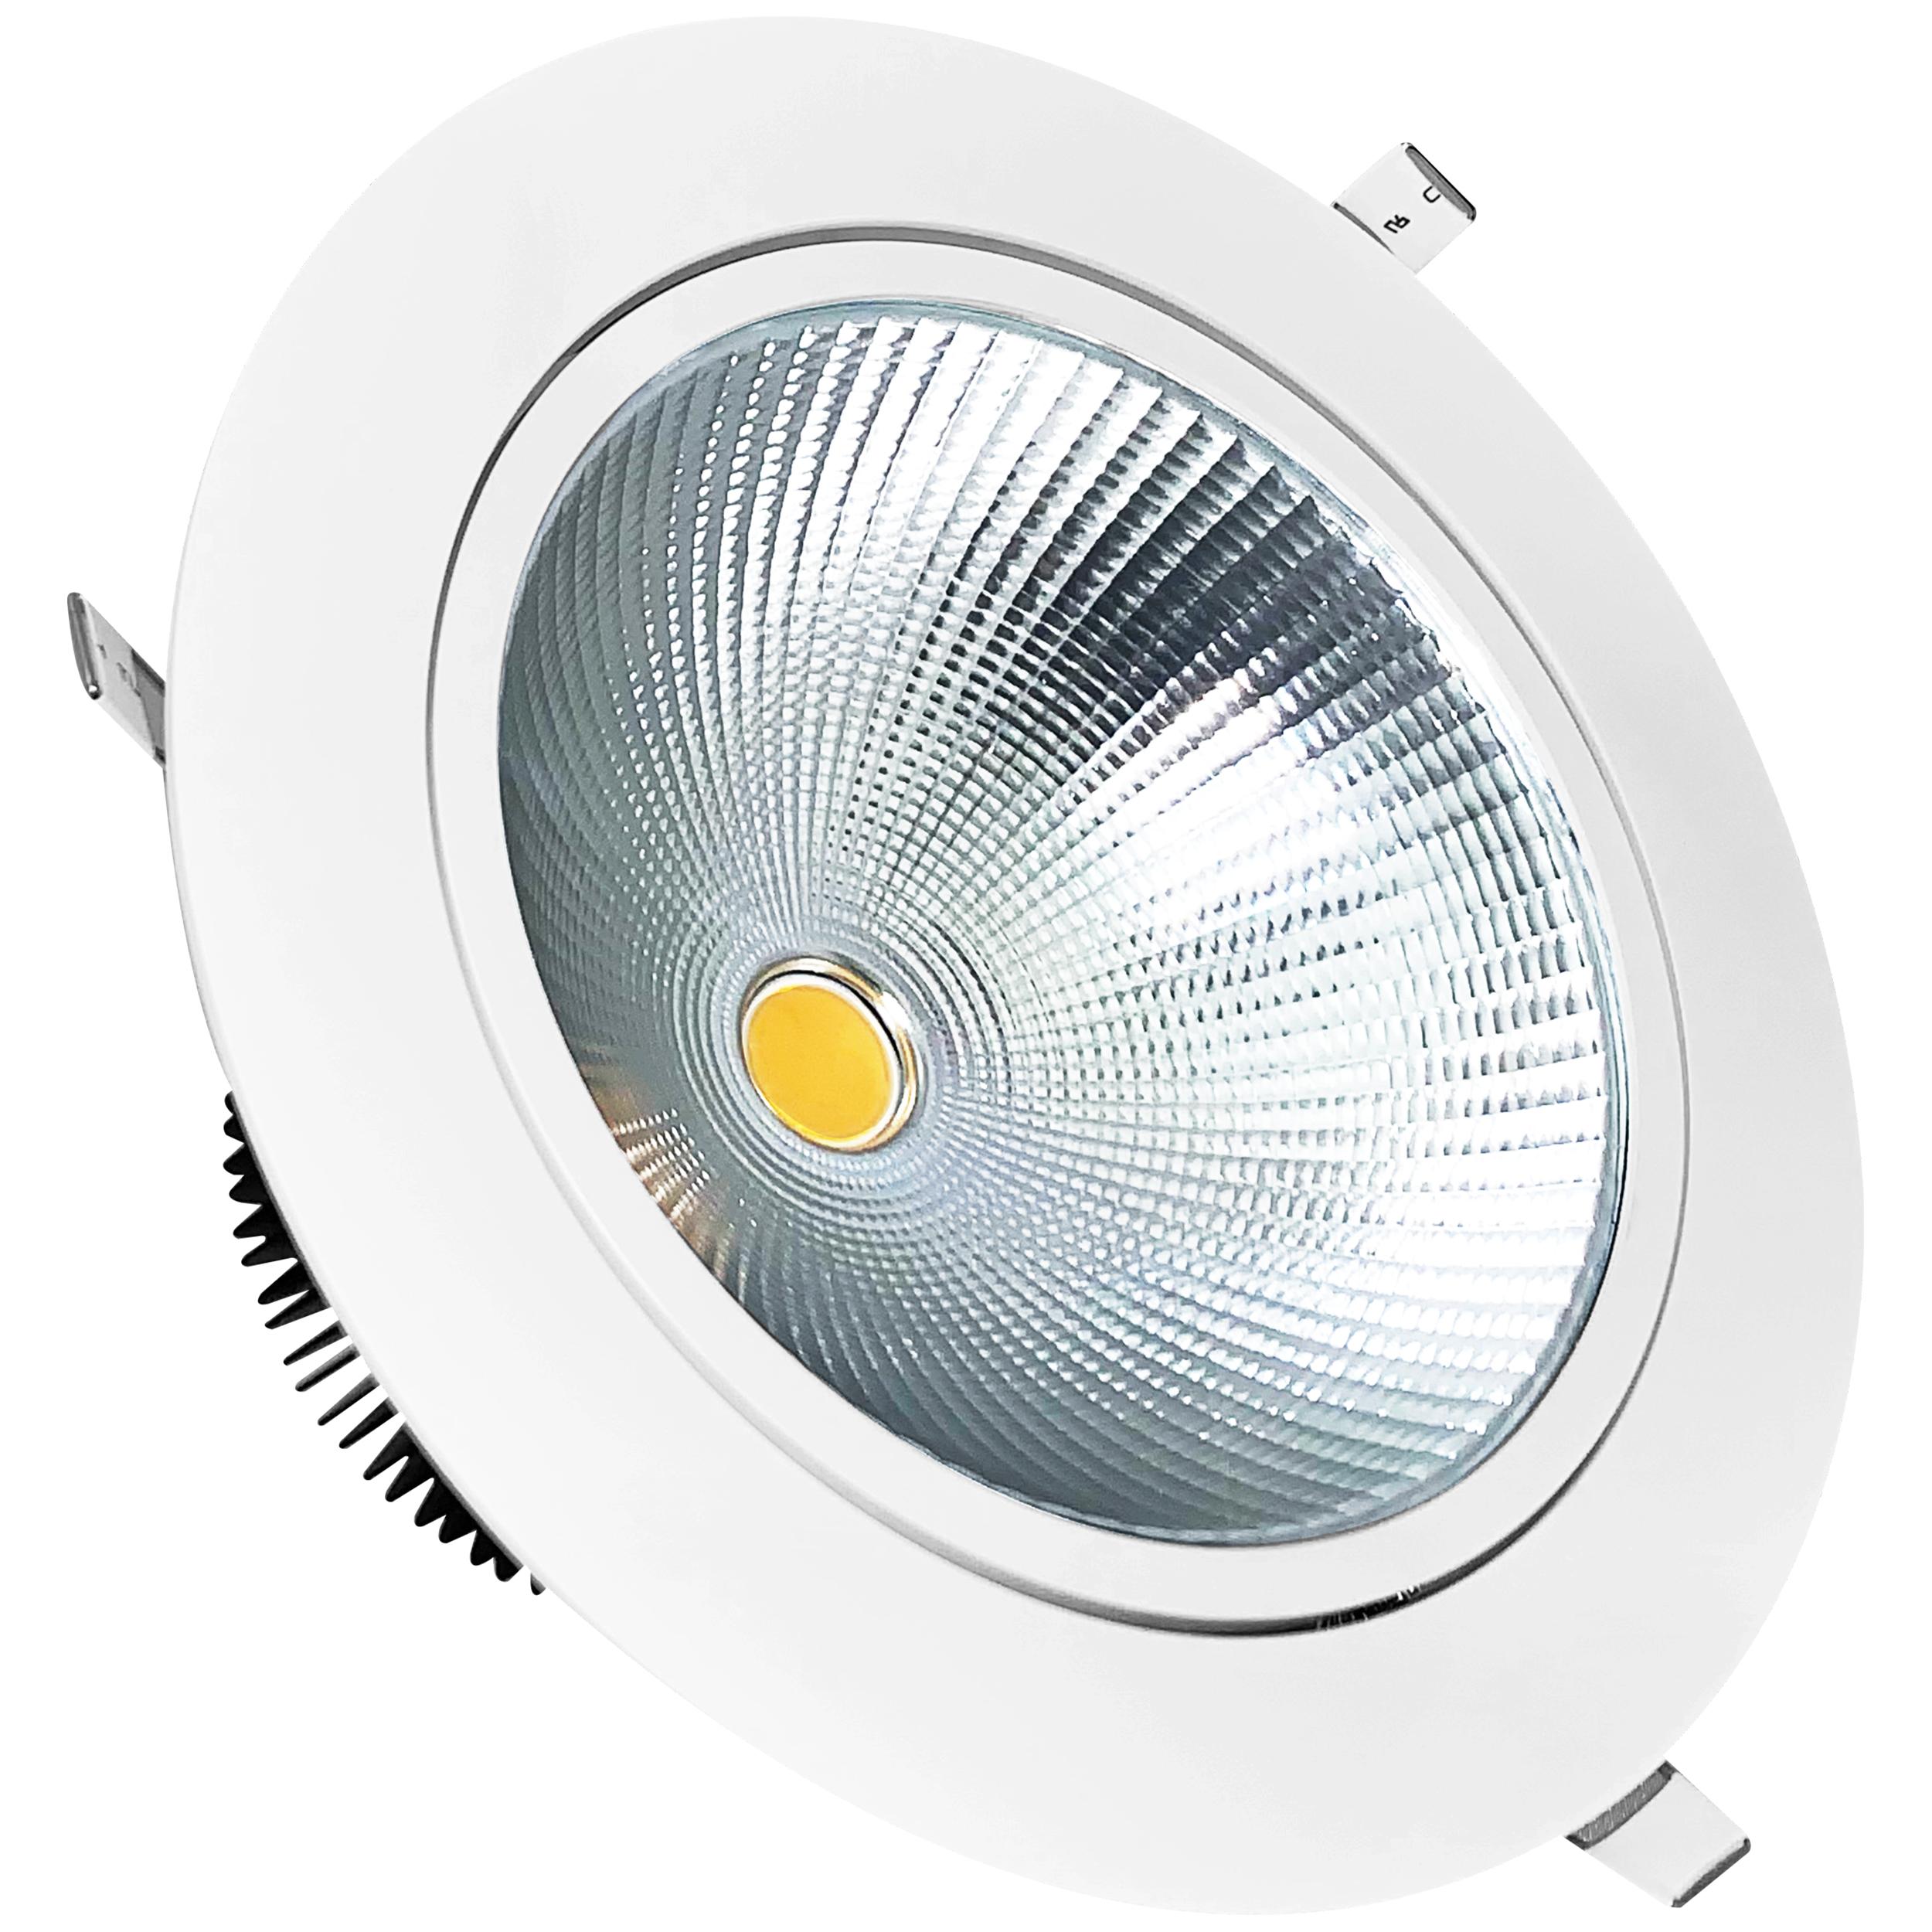 چراغ سقفی 60 وات  اف ای سی کد 321